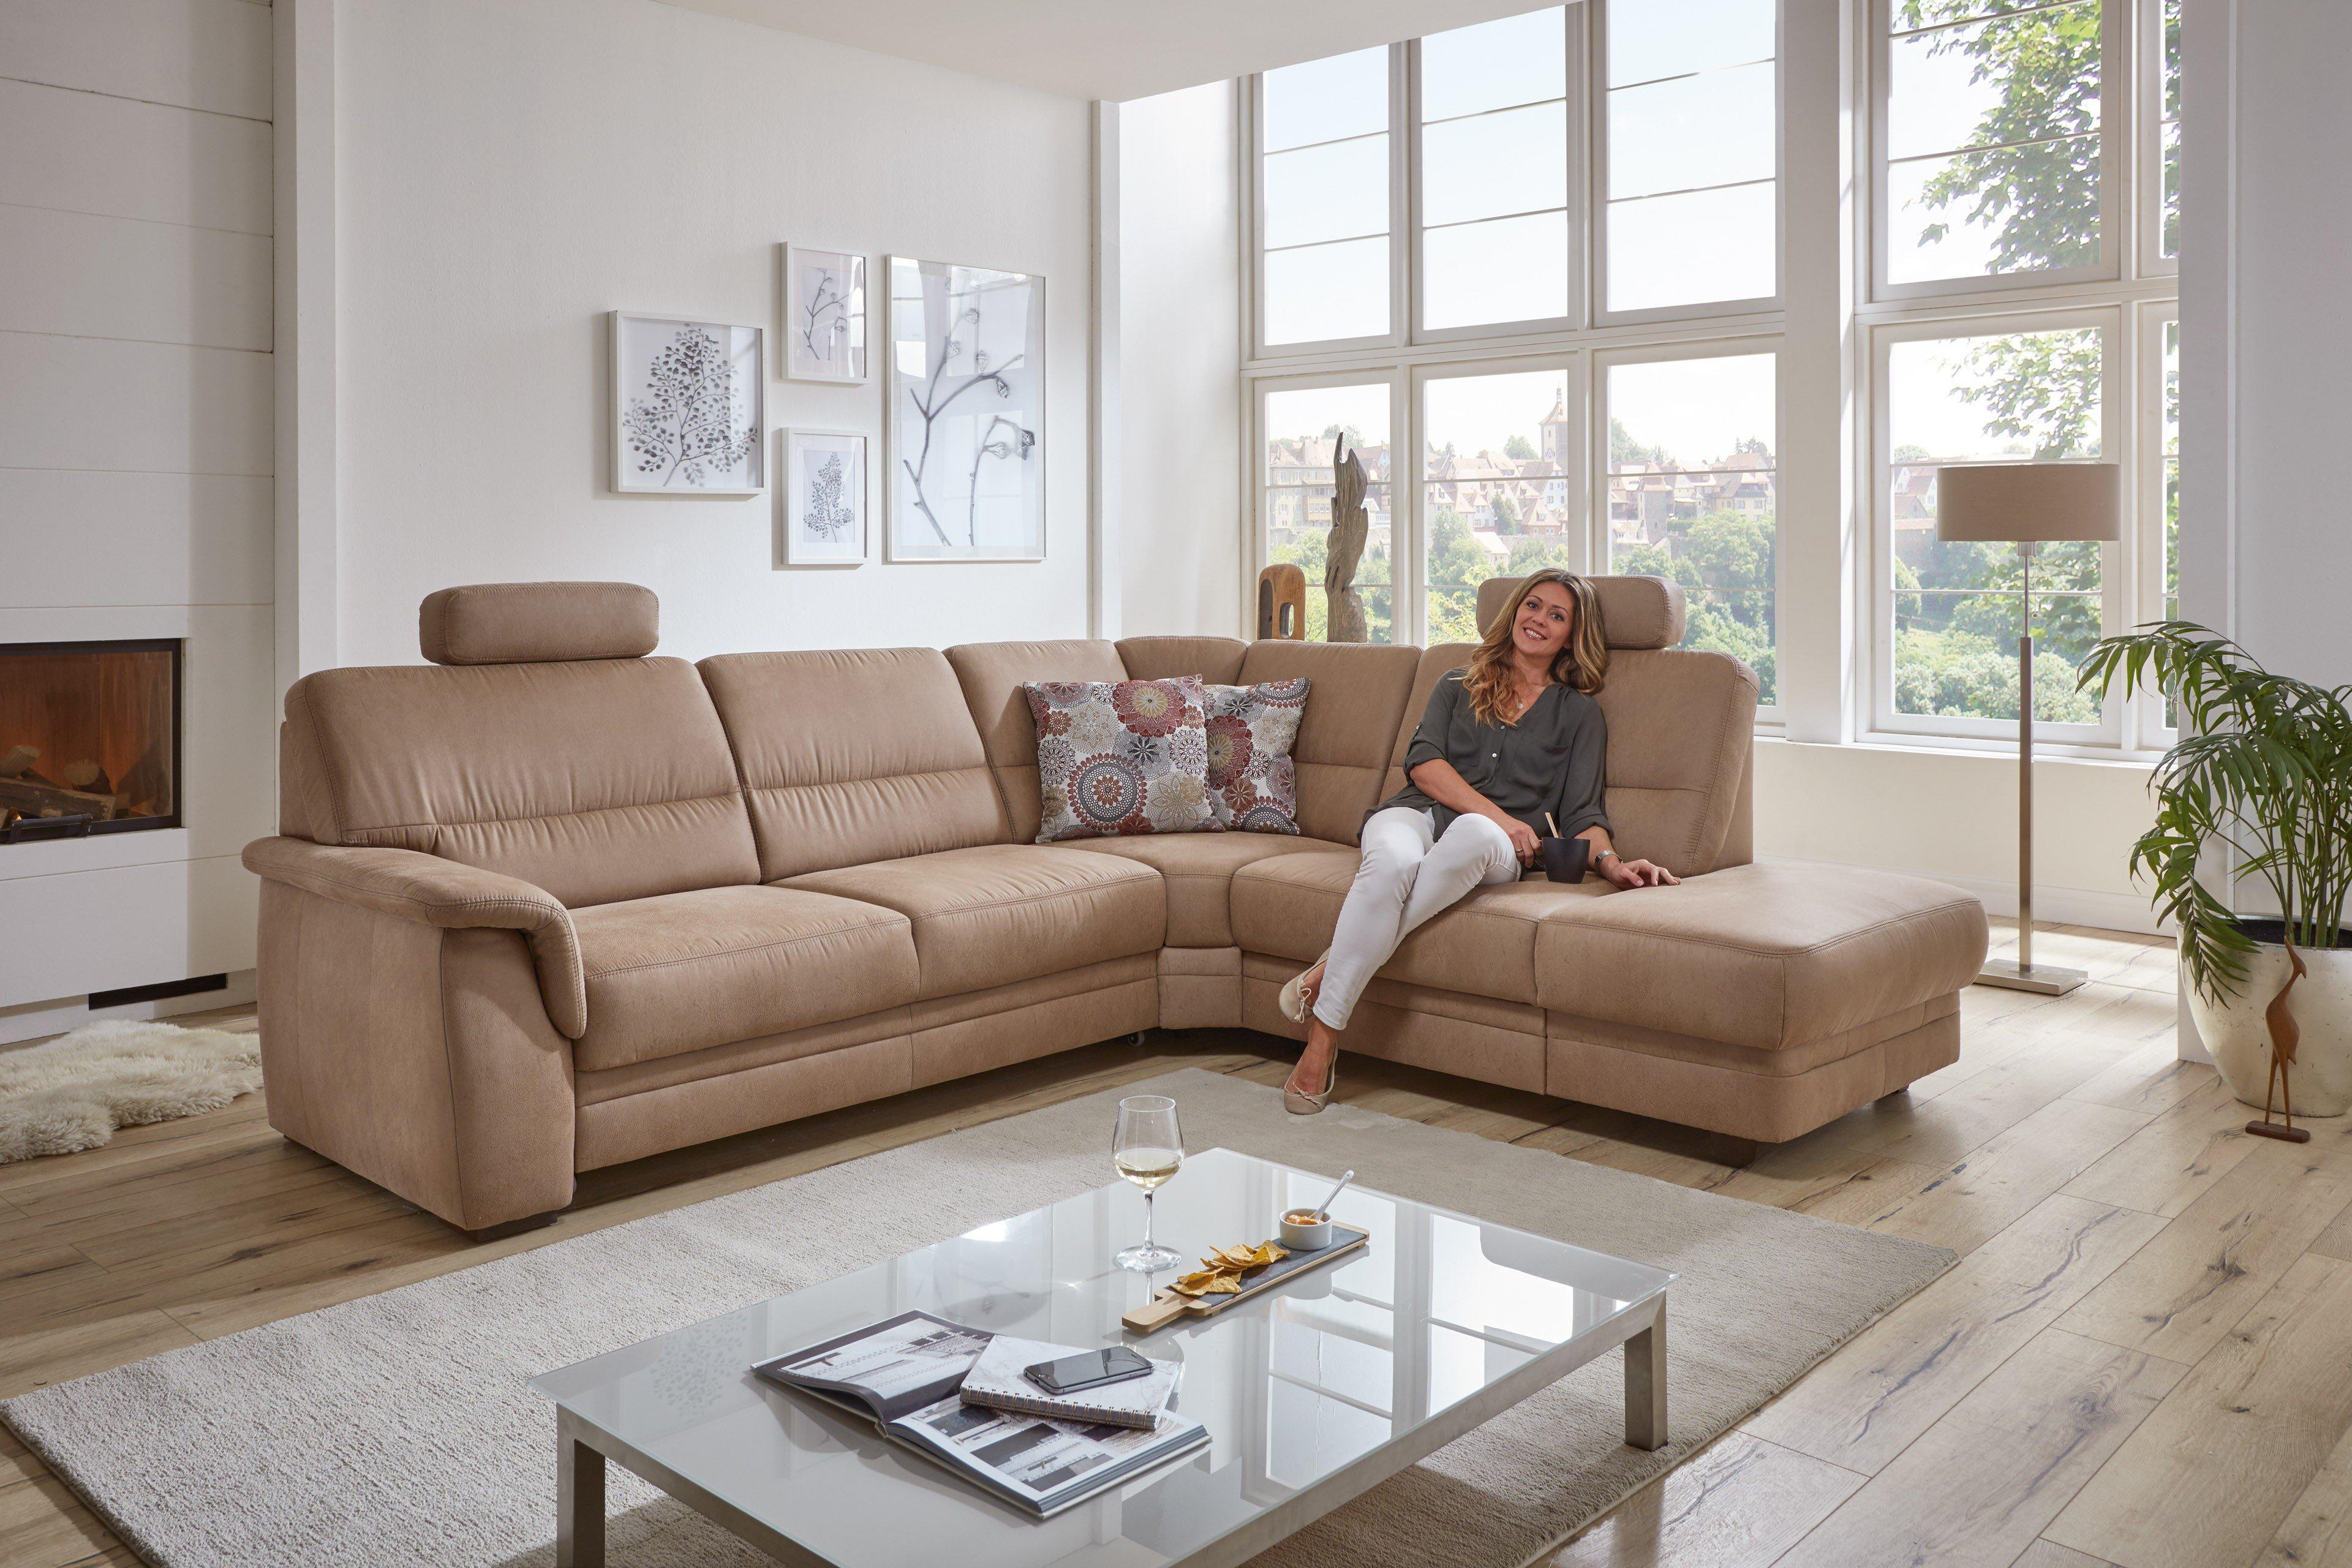 Polipol Licon Polsterecke Sand Möbel Letz Ihr Online Shop